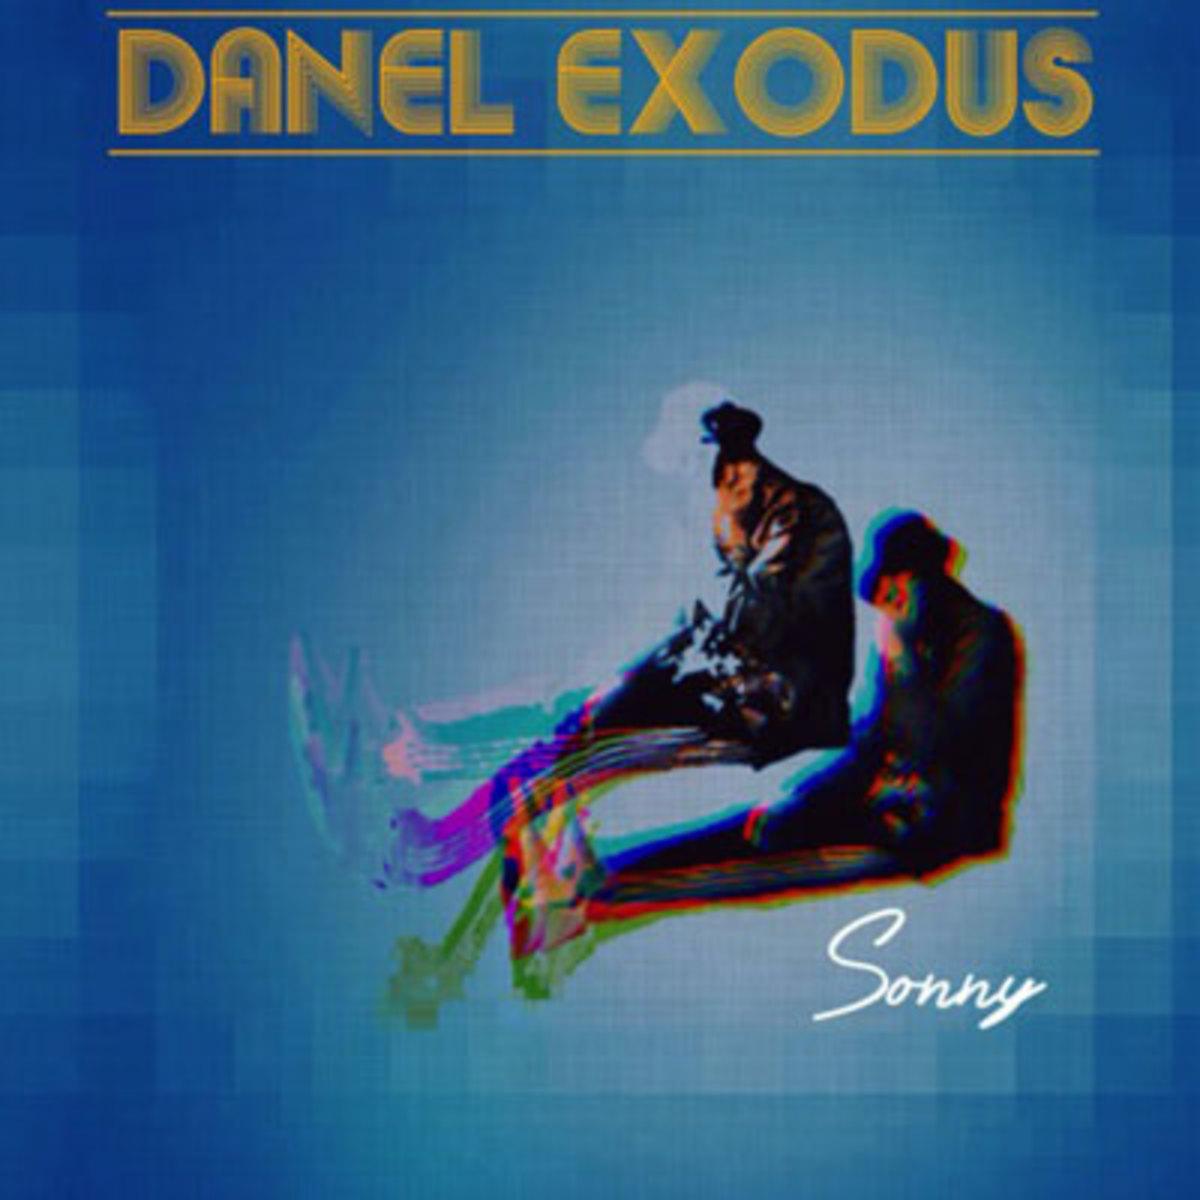 sonny-danelexodus.jpg